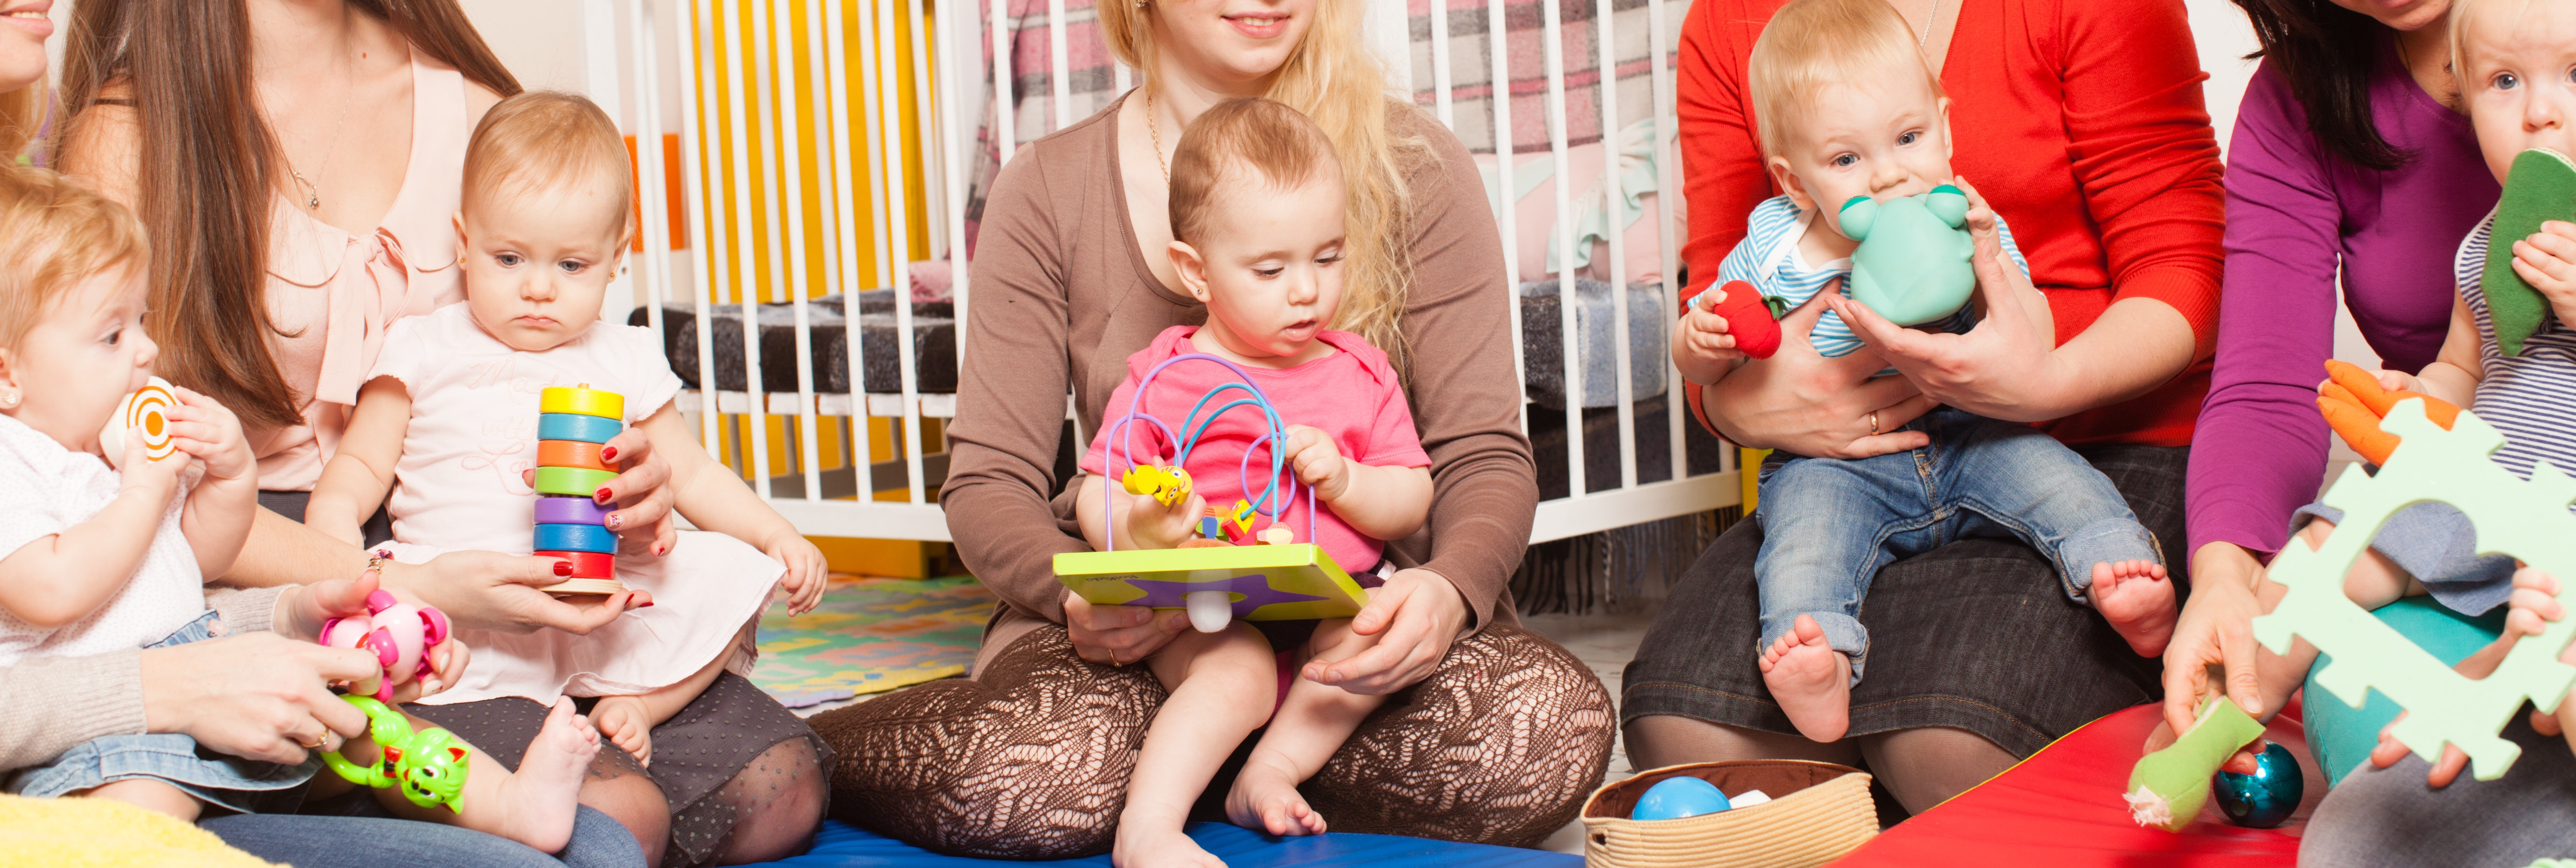 Bilde av barn i barnehagen